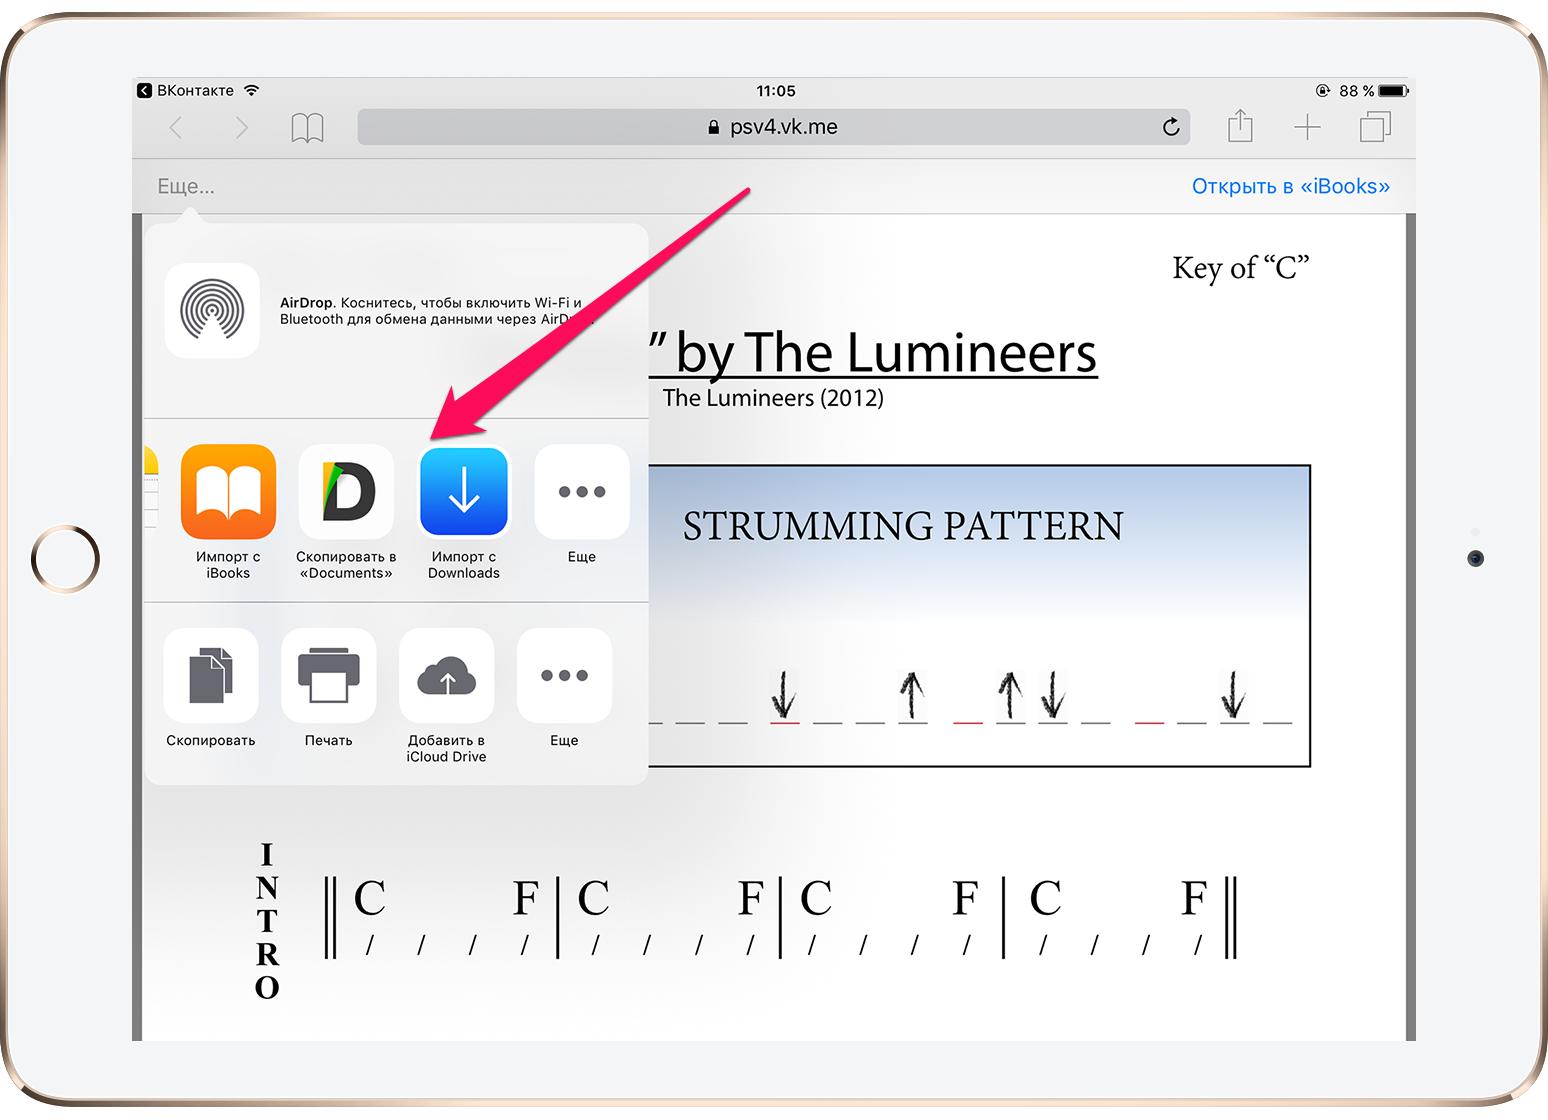 Как скачать документ из«ВКонтакте» наiPhone или iPad